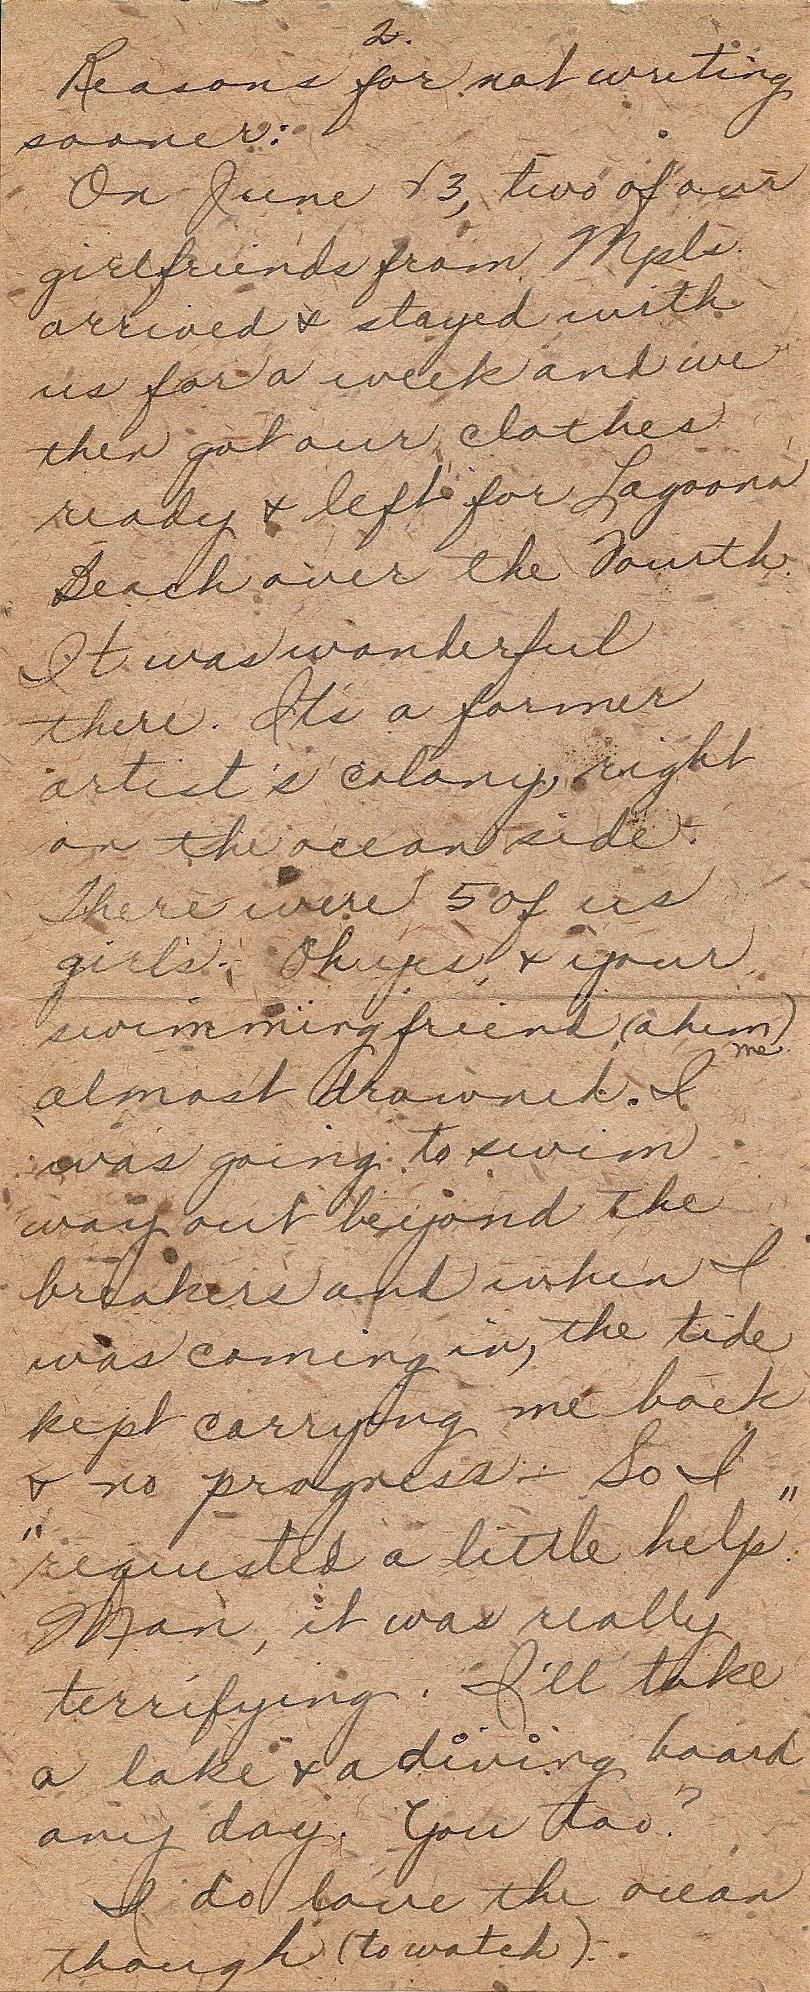 7.6.1943MSc.jpg